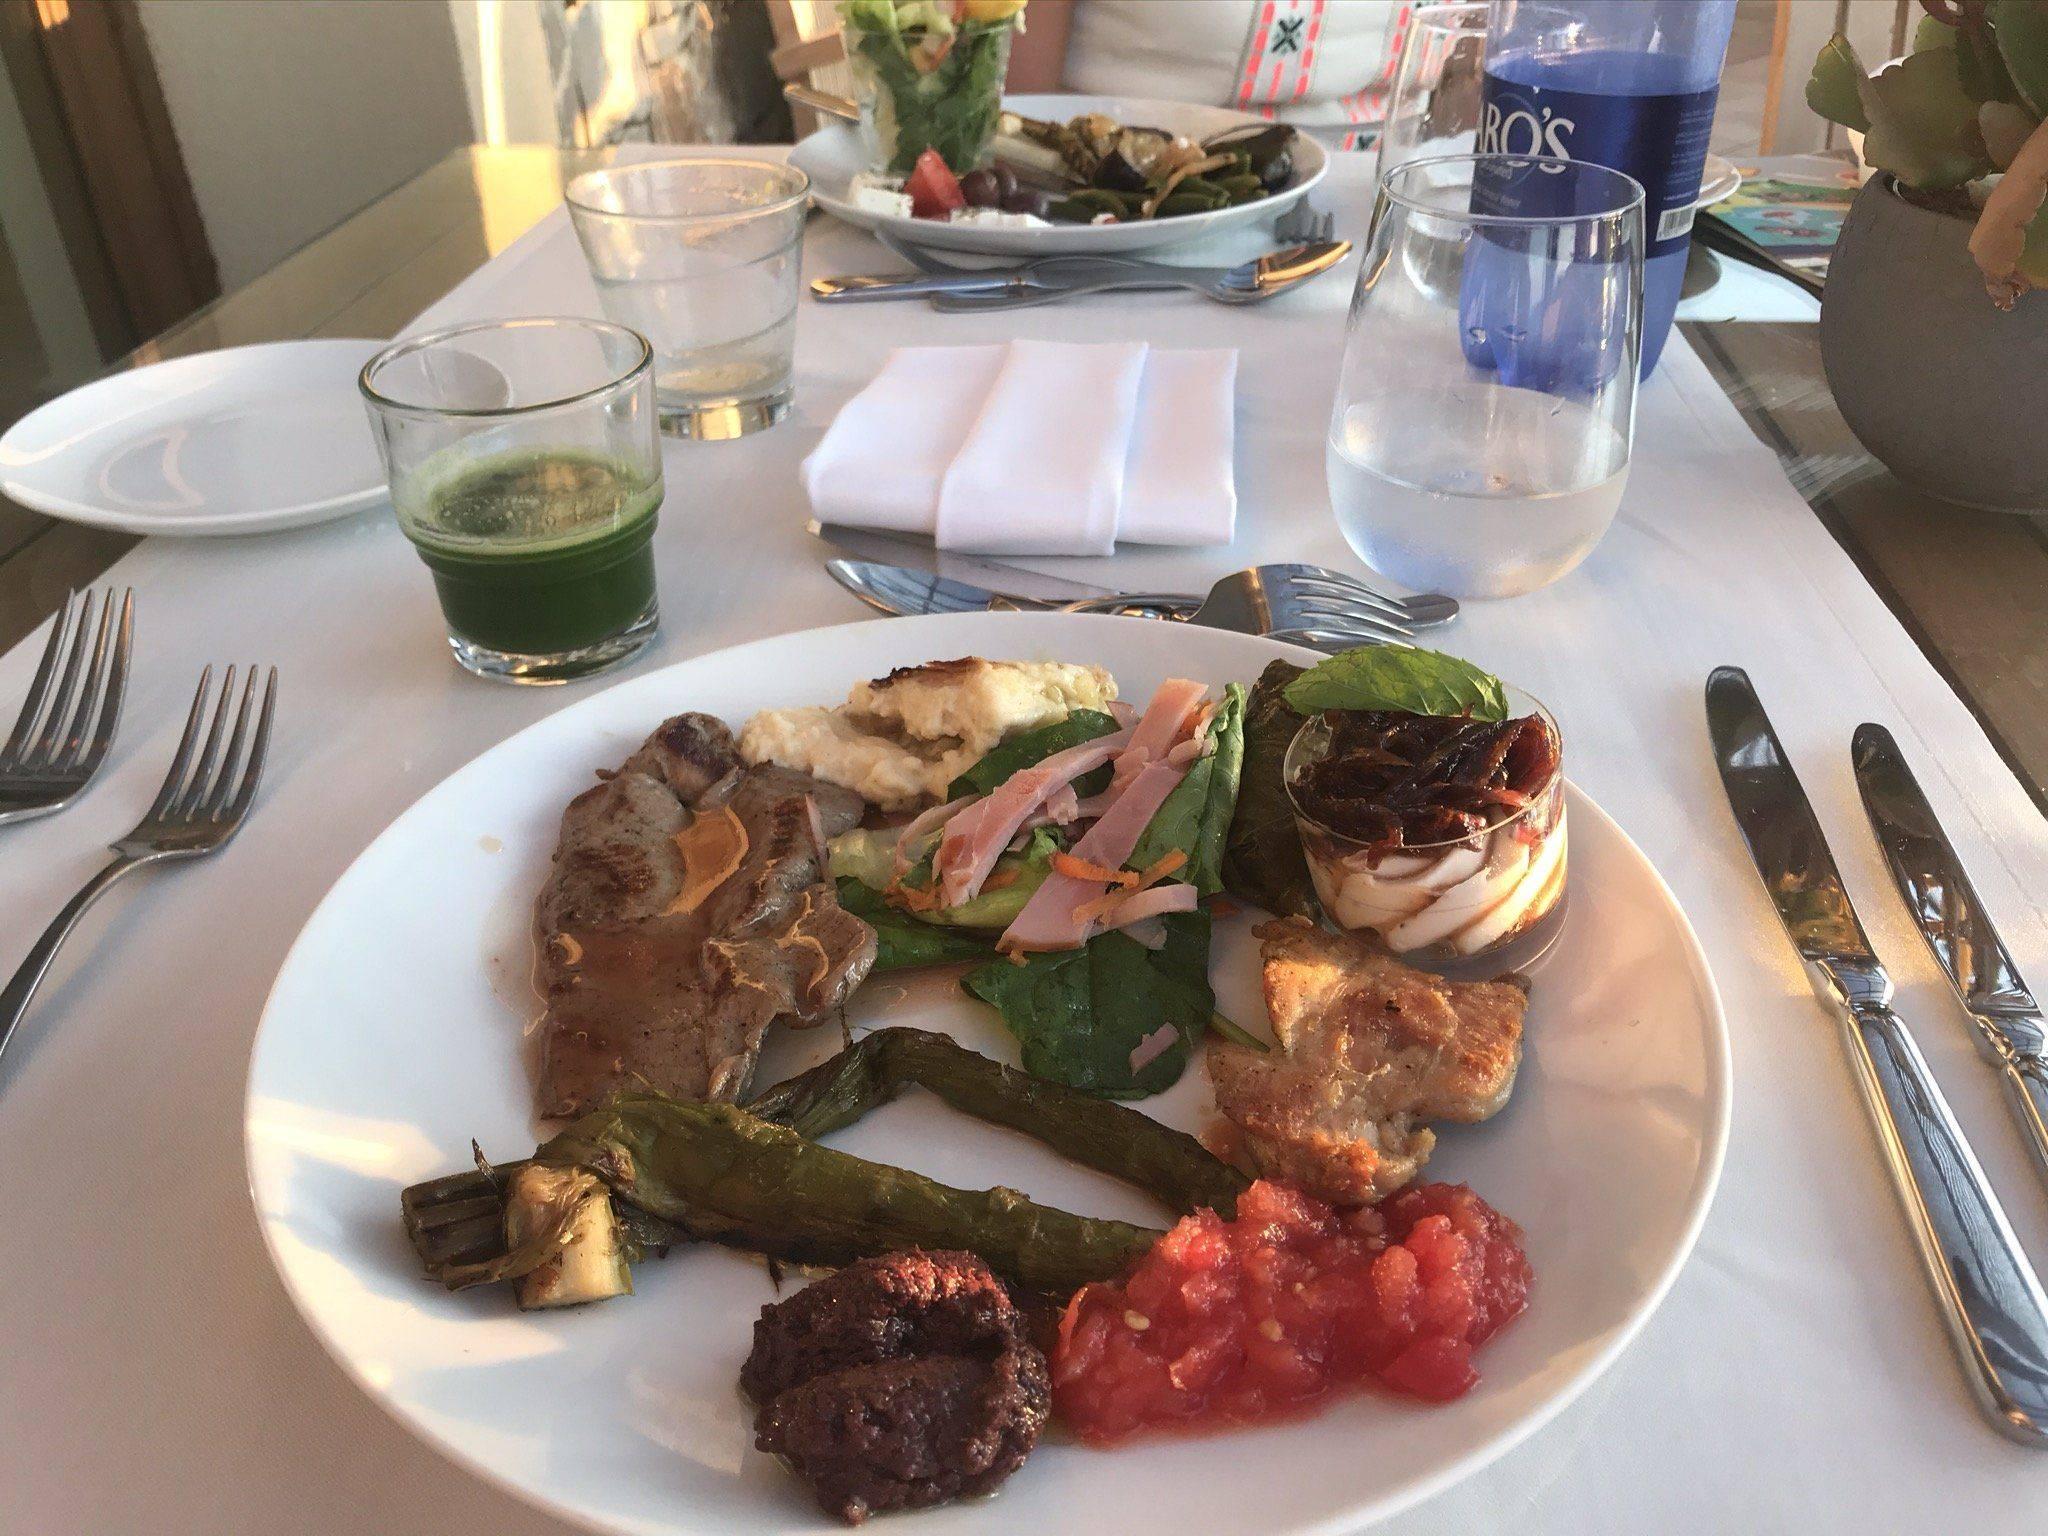 Familienhotel Kreta Abendessen